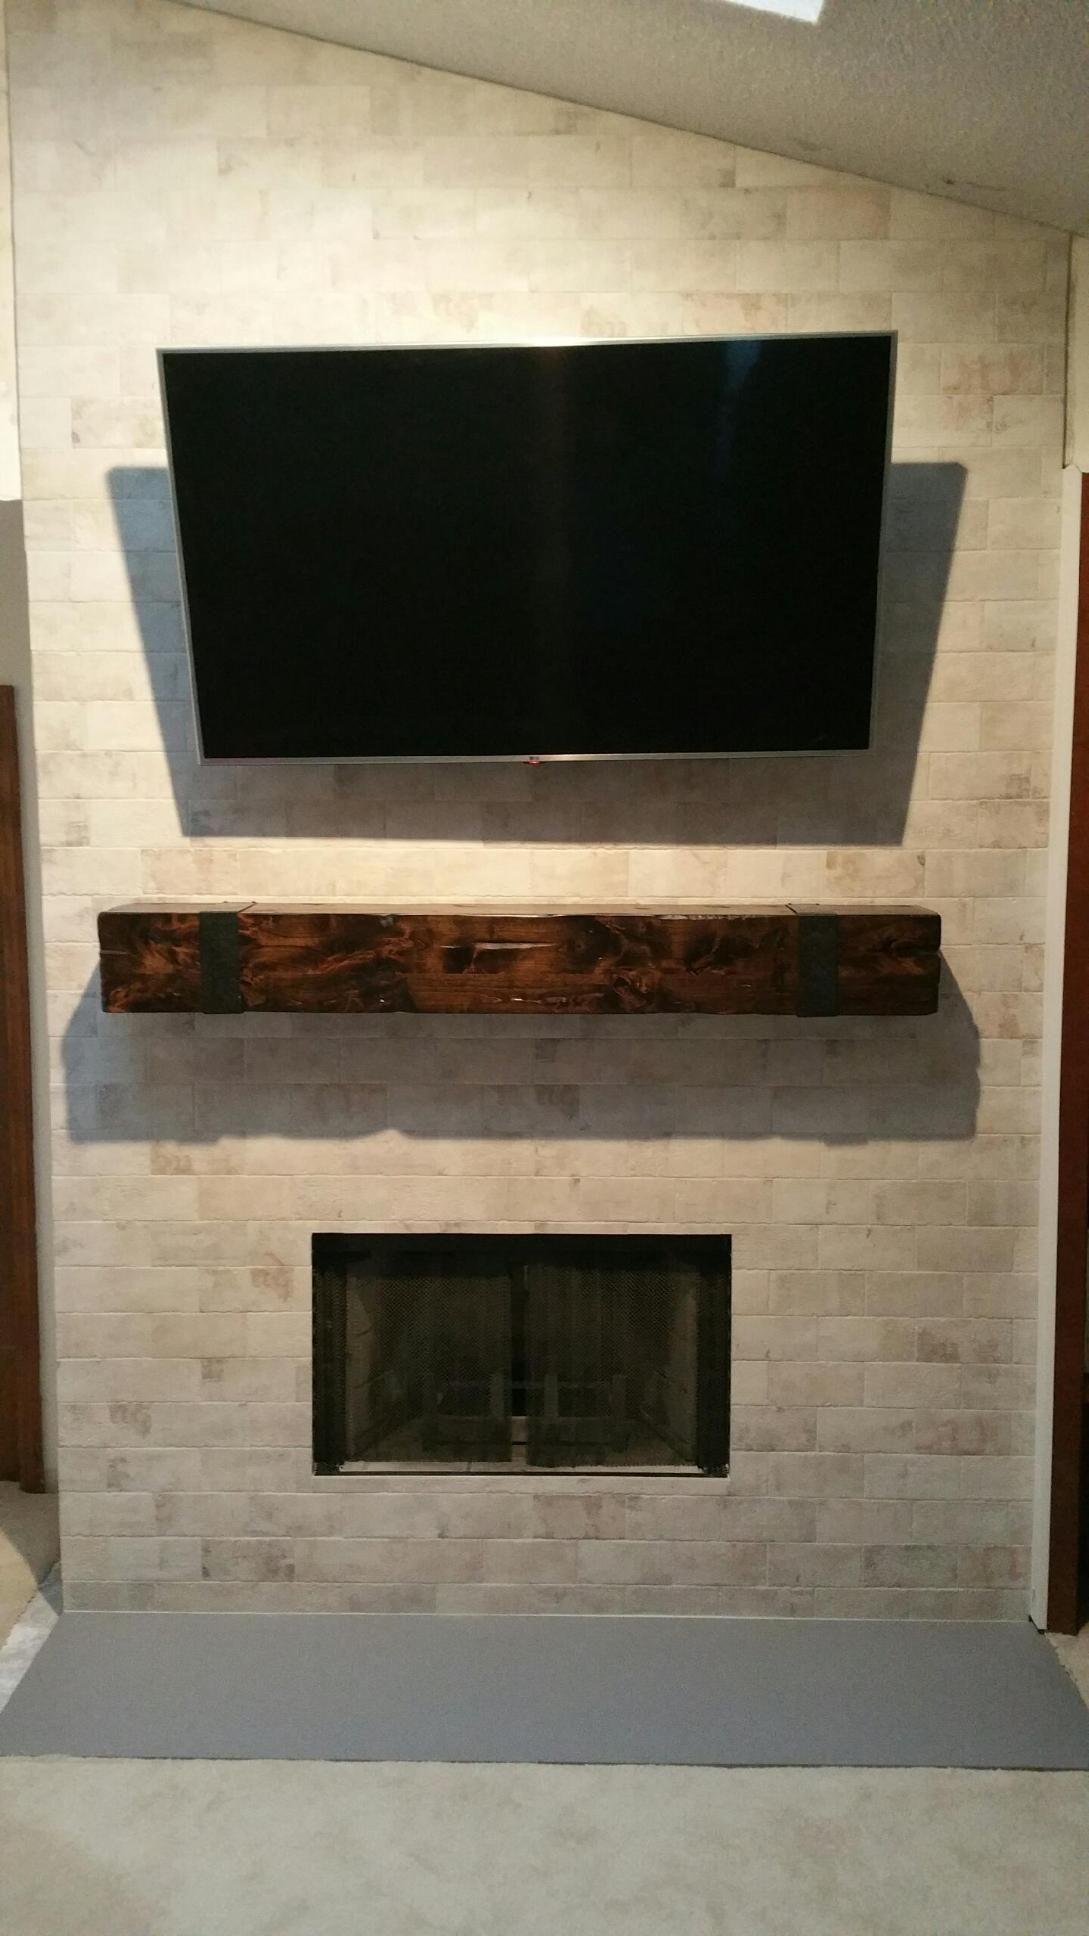 bloodworth fireplace surround daltile brickwork in studio mantle